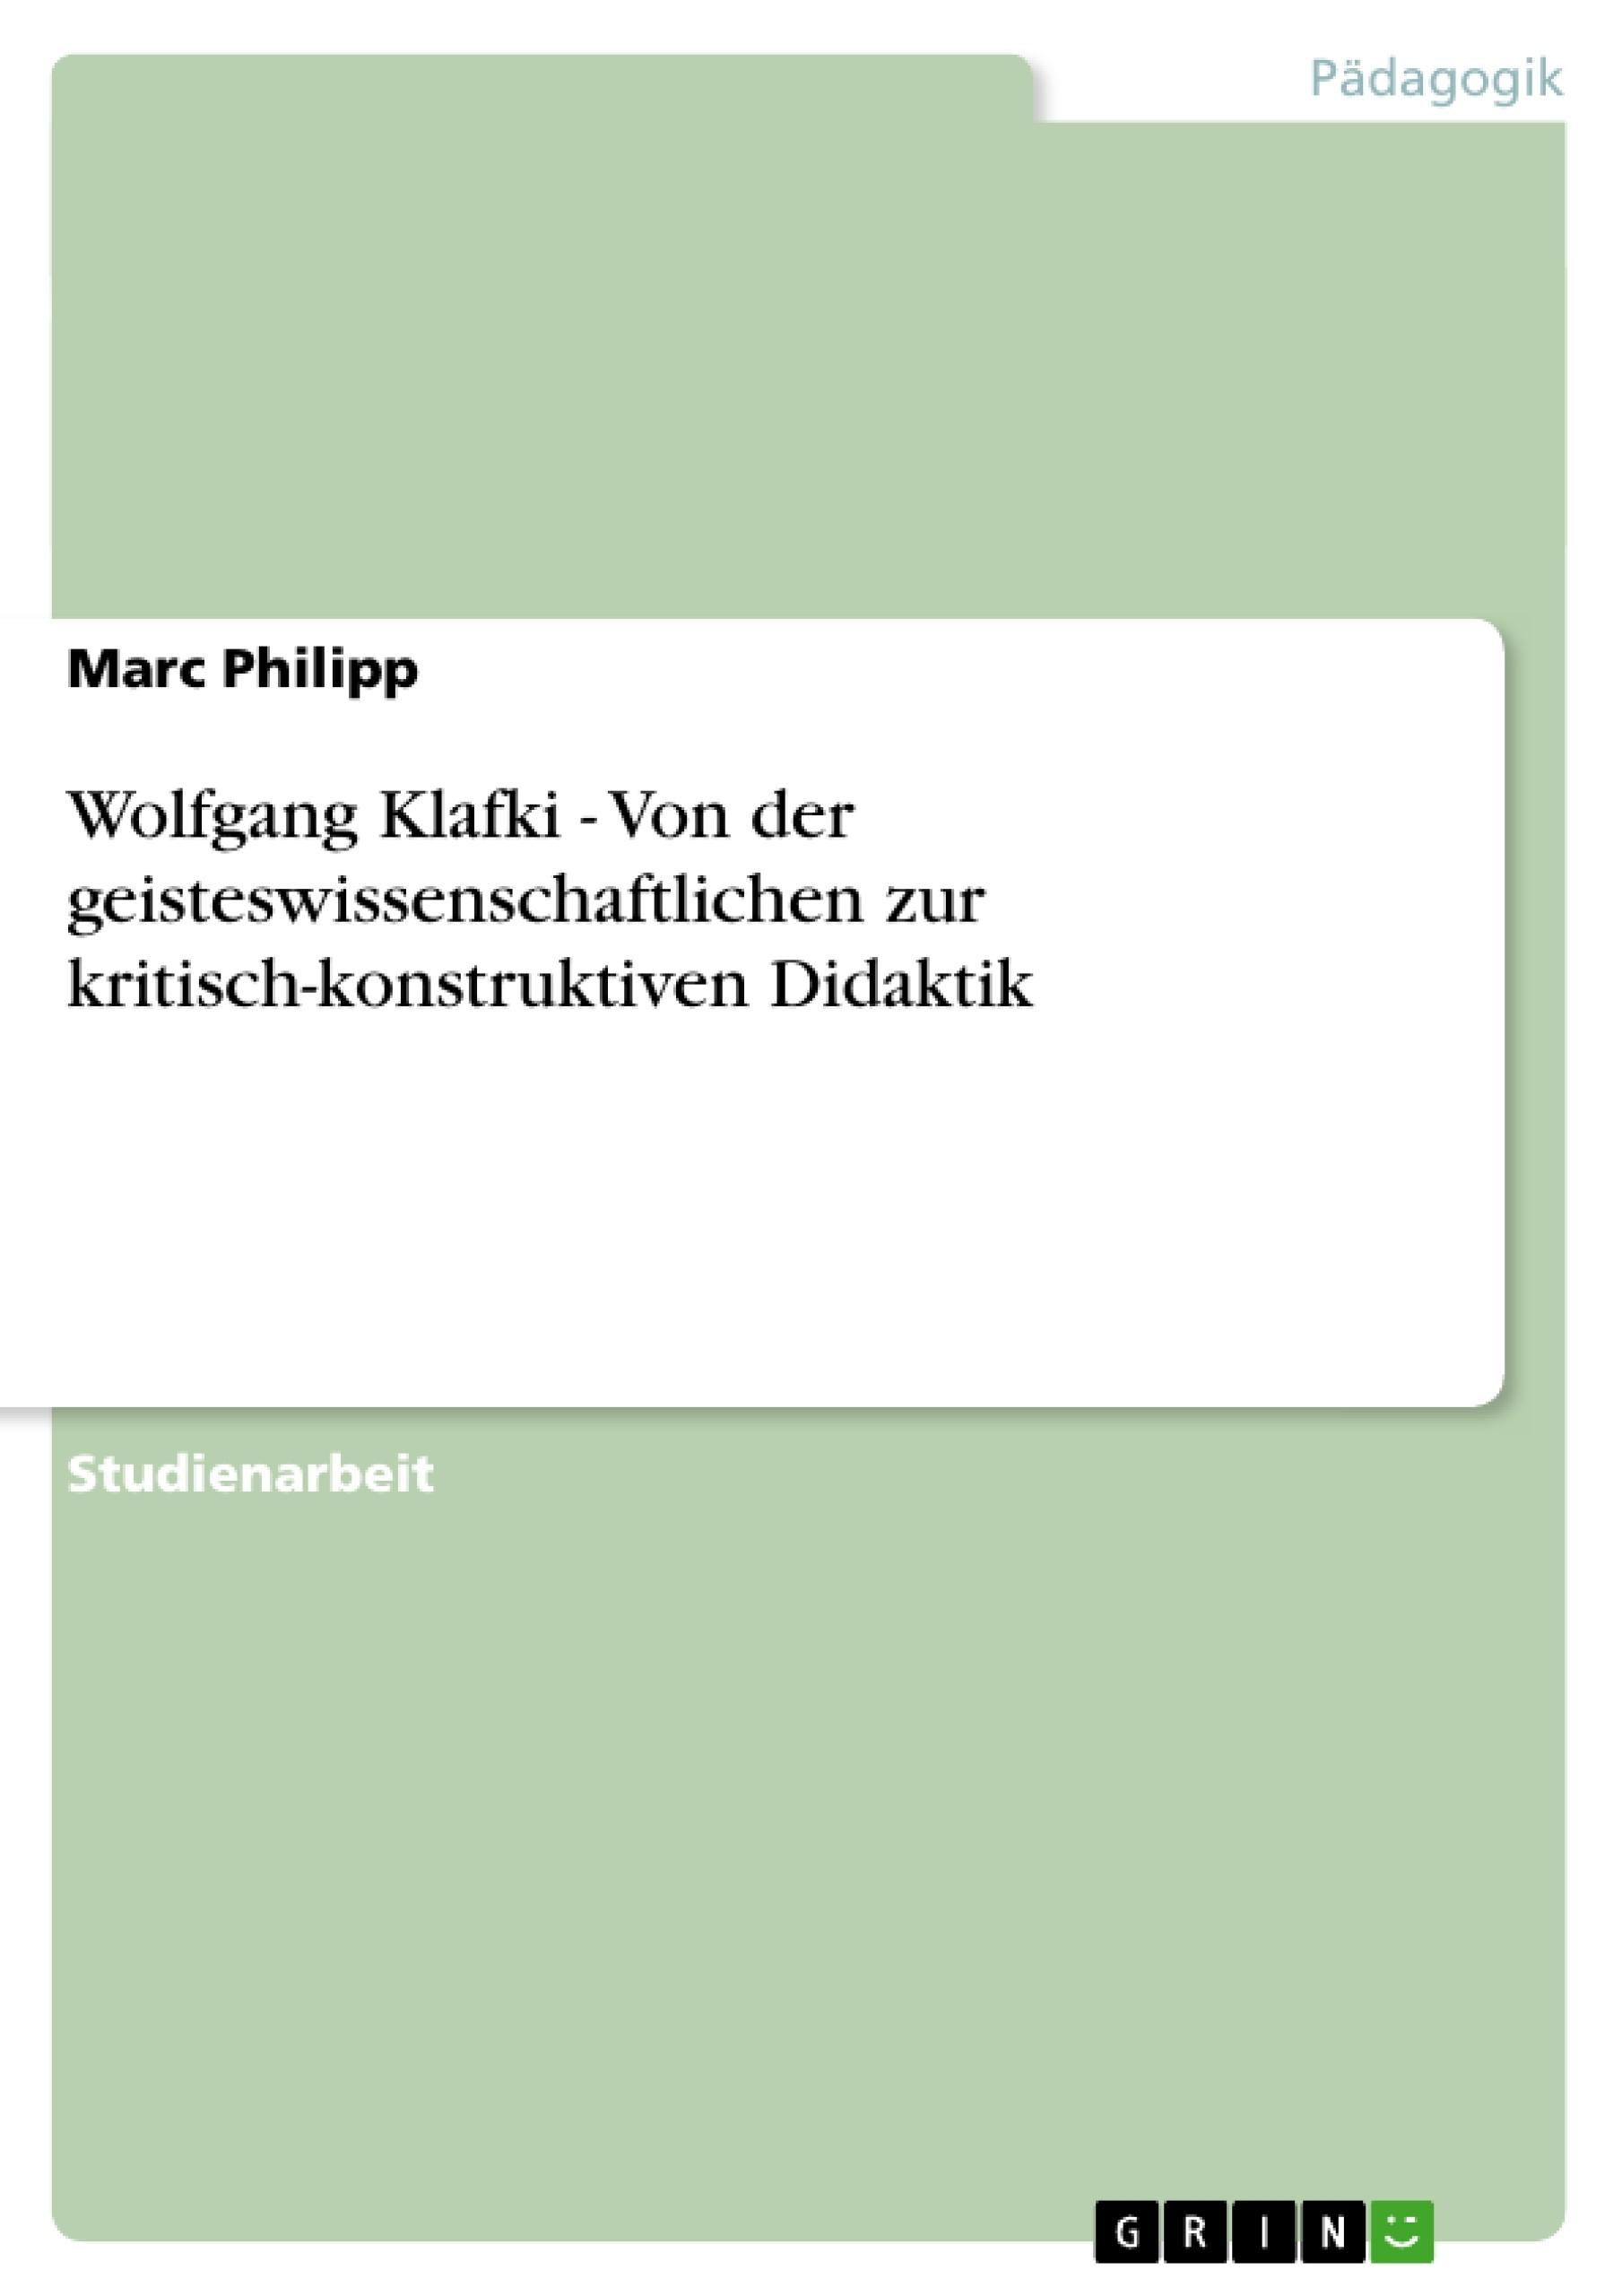 Titel: Wolfgang Klafki - Von der geisteswissenschaftlichen zur kritisch-konstruktiven Didaktik